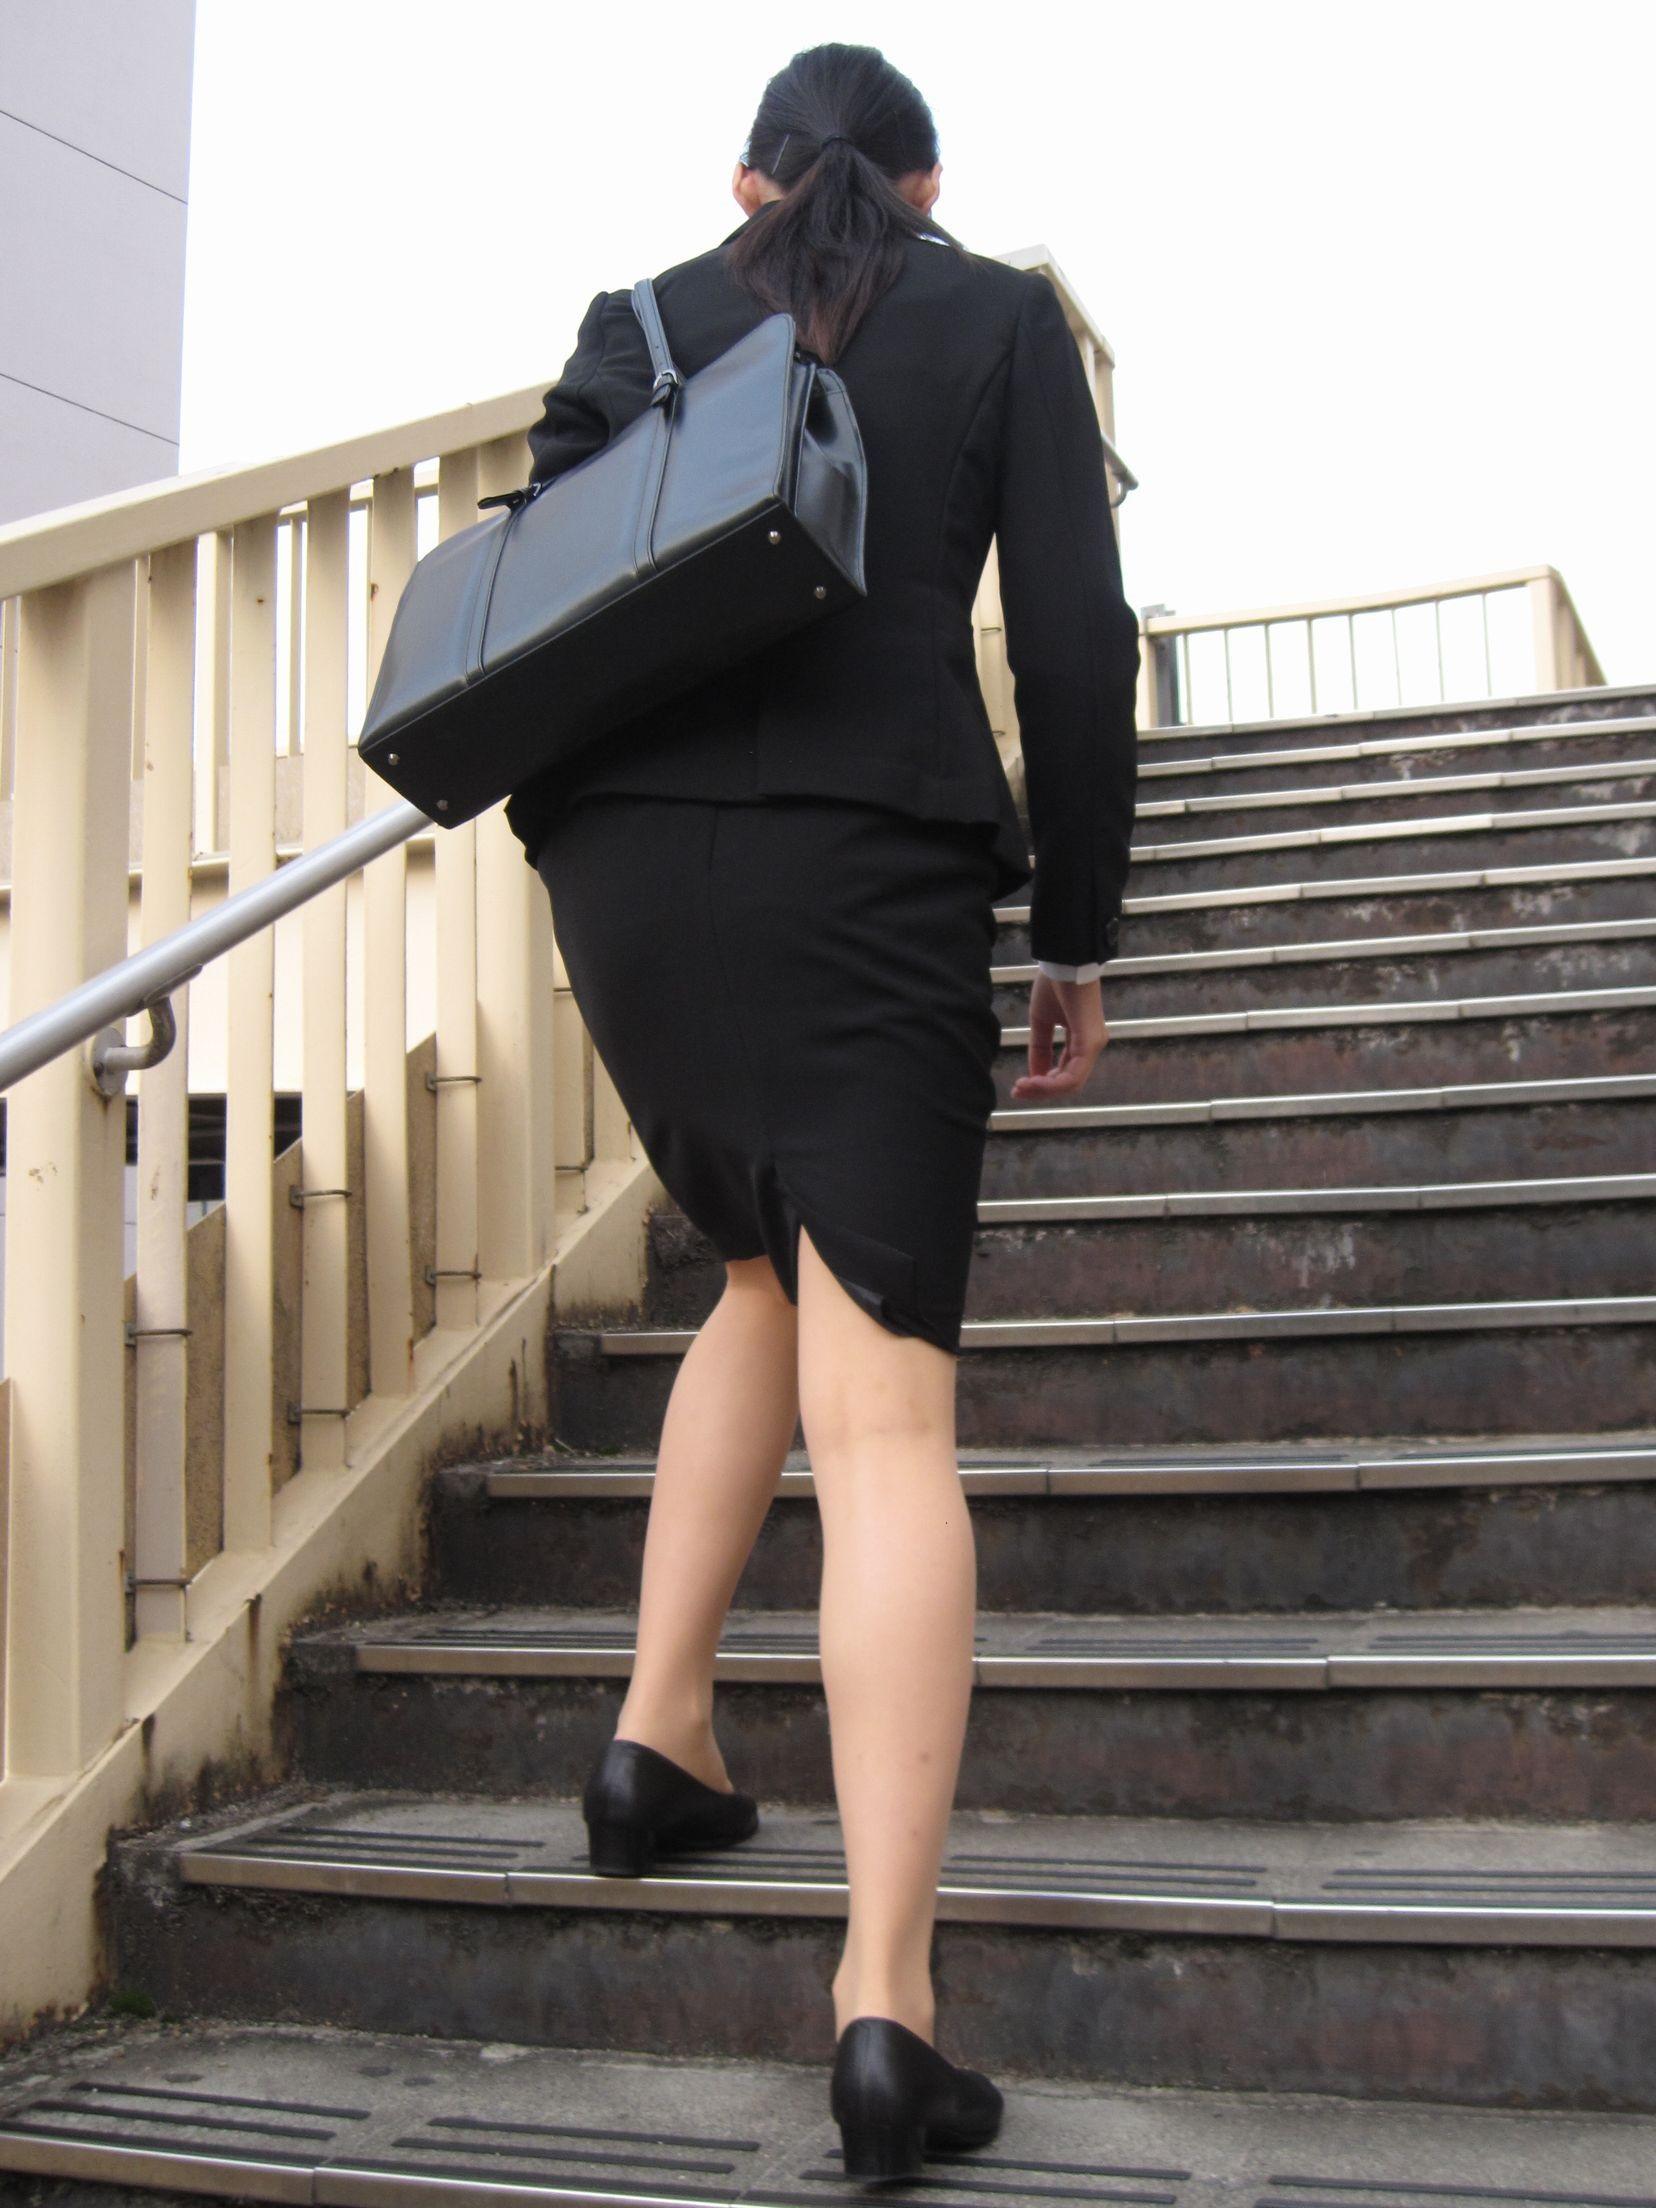 【街撮り画像】就活真っ只中なJDのリクスー尻と美脚を観察www 03